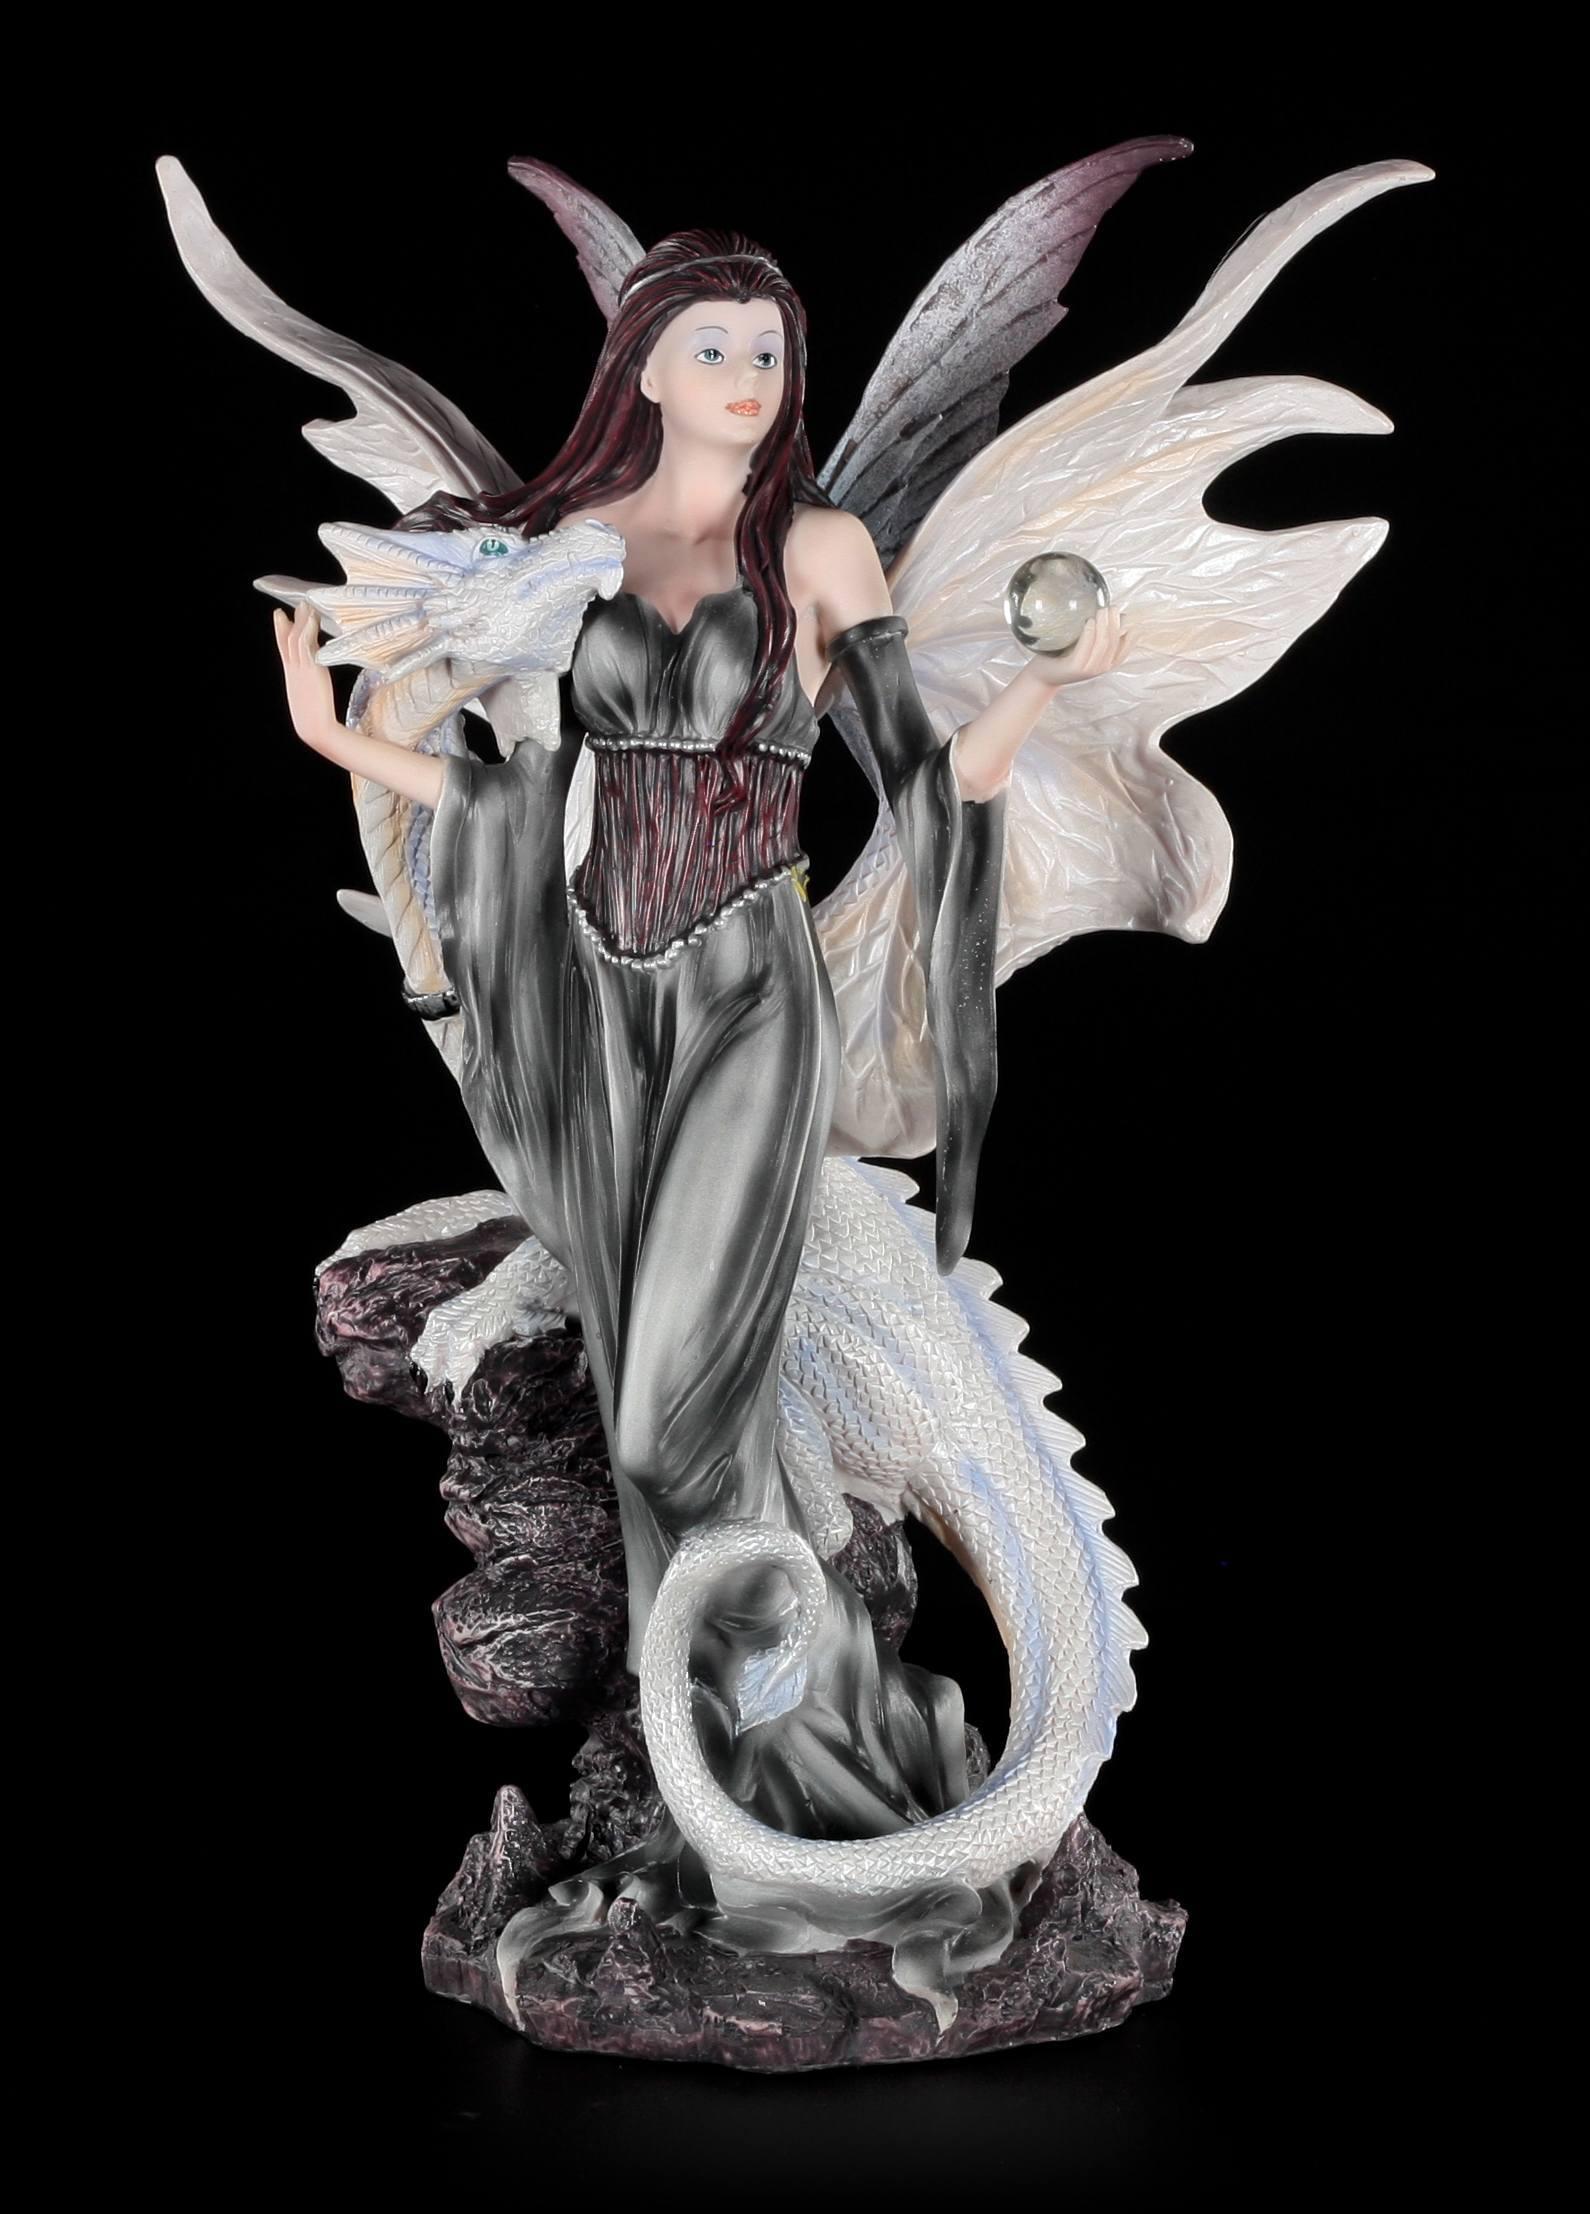 Fantasy Fee Drachenelfe Statue Elfen Figur mit Drache LED Fierce Companion